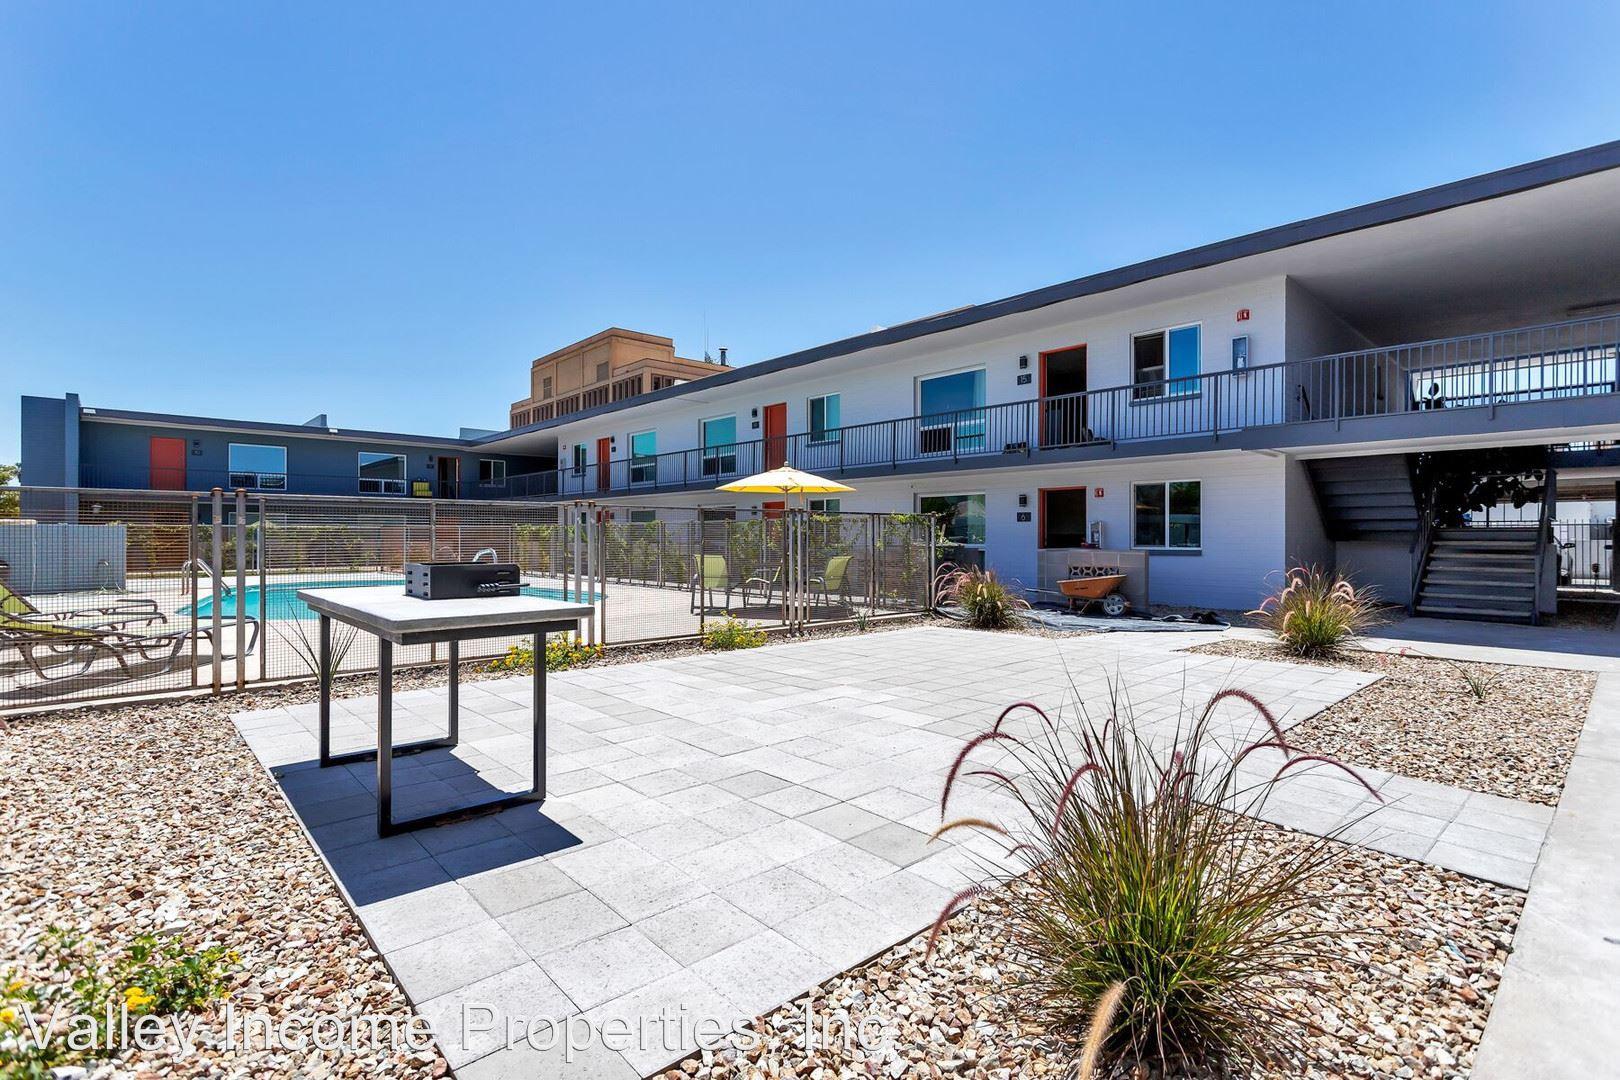 Tana Lea Apartments